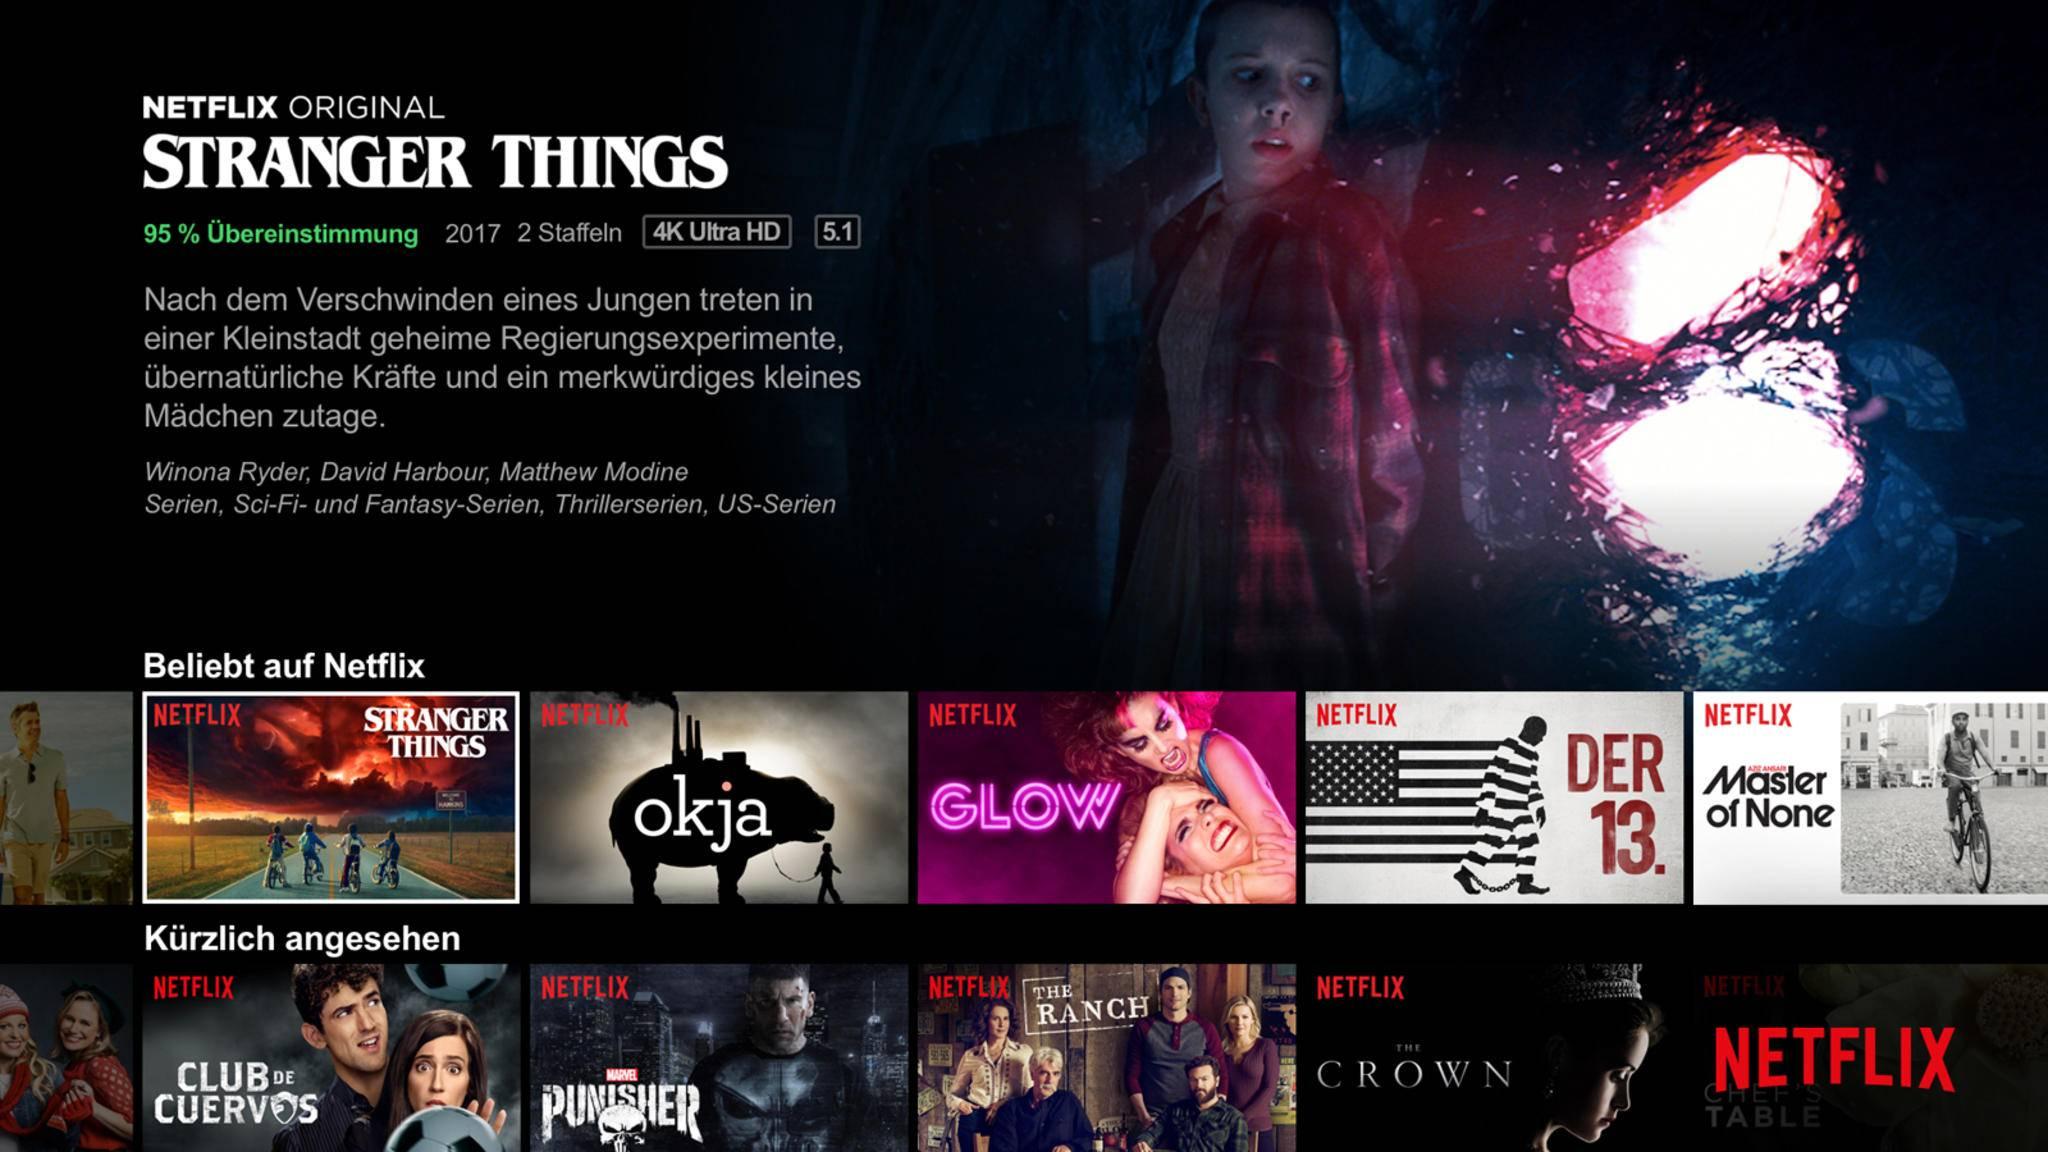 Coming soon: Bei Netflix gibt es bald einen neuen Bereich mit den kommenden Filmen und Serien.